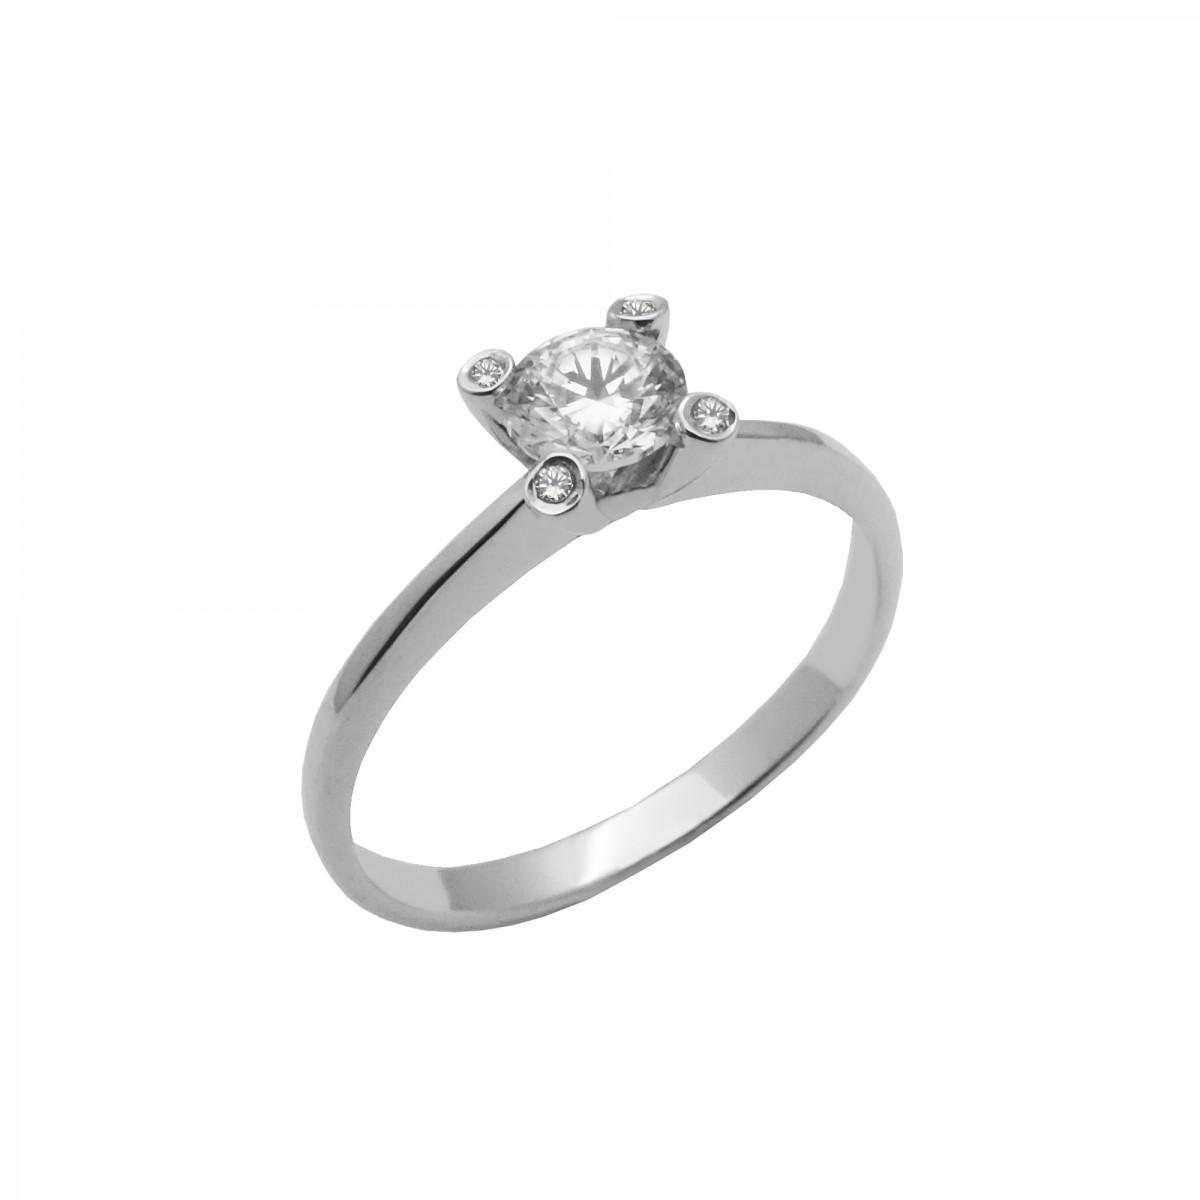 Μονόπετρο δαχτυλίδι λευκόχρυσο 14 καράτια με ζιργκόν - 157€ b9fab57a653